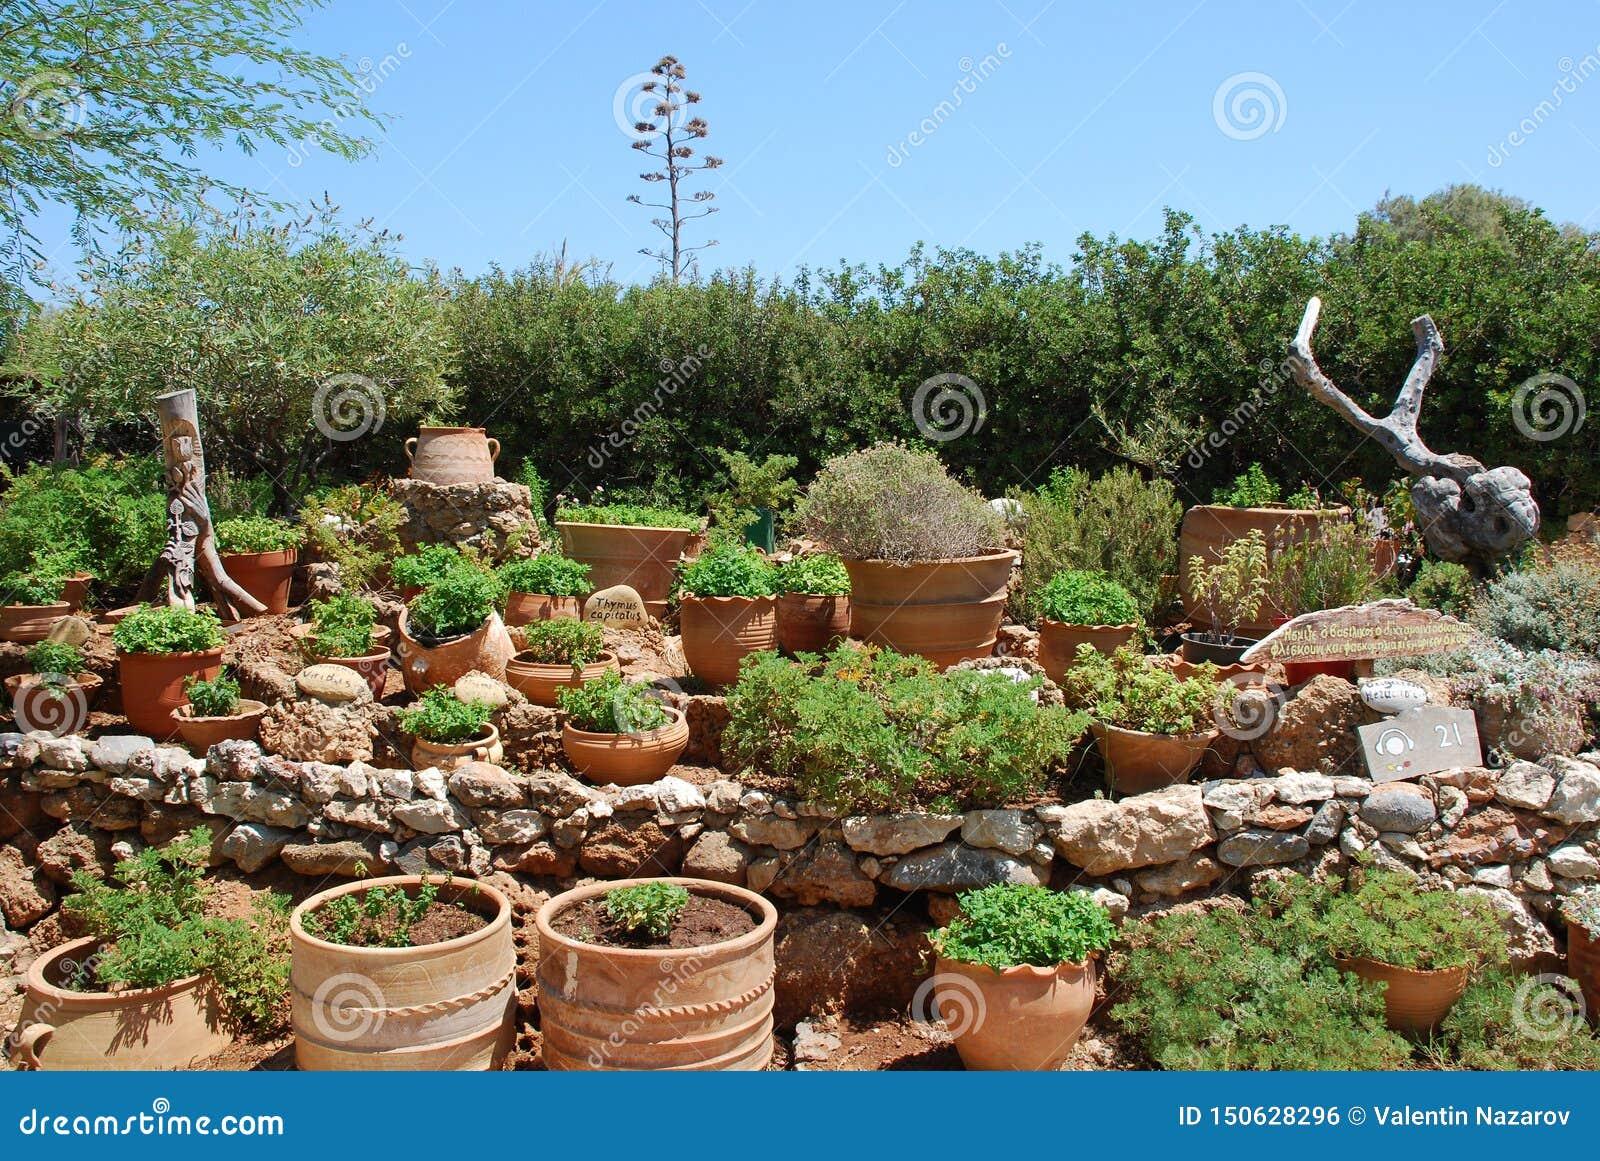 Chersonissos, Кипр, Греция - 31 07 2013: Сад расти заводов и цветков в глиняных горшках